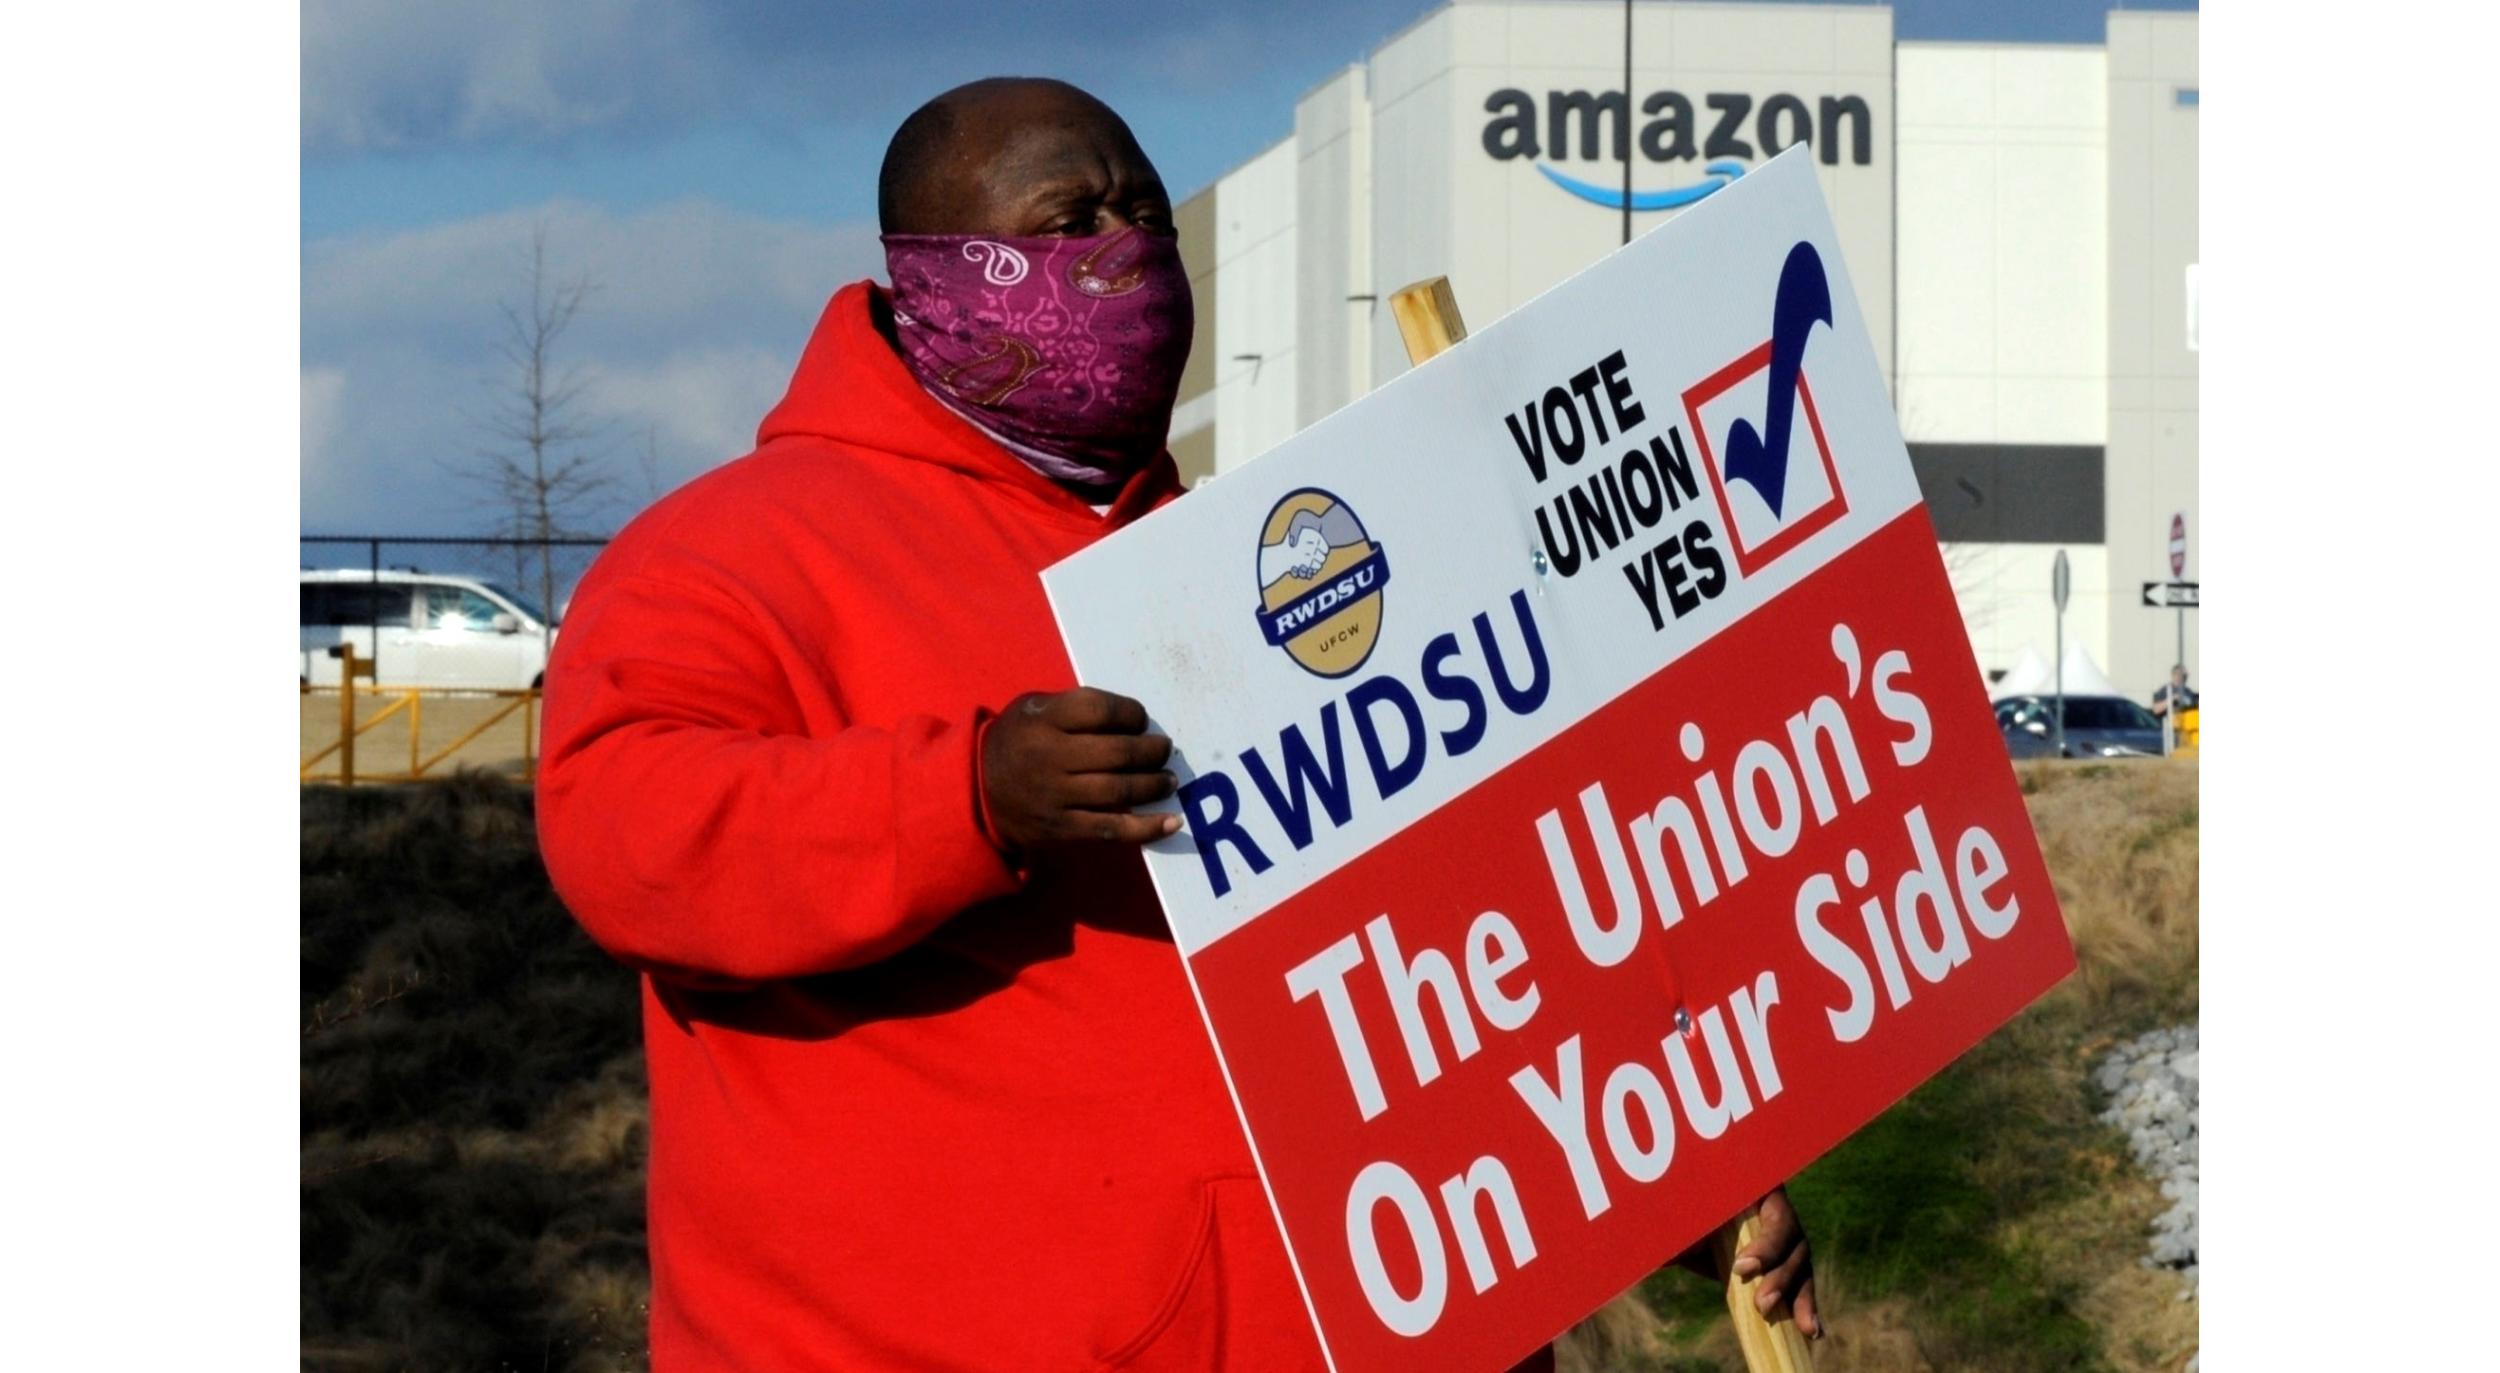 empleados-de-amazon-en-estados-unidos-decidiran-si-forman-un-sindicato